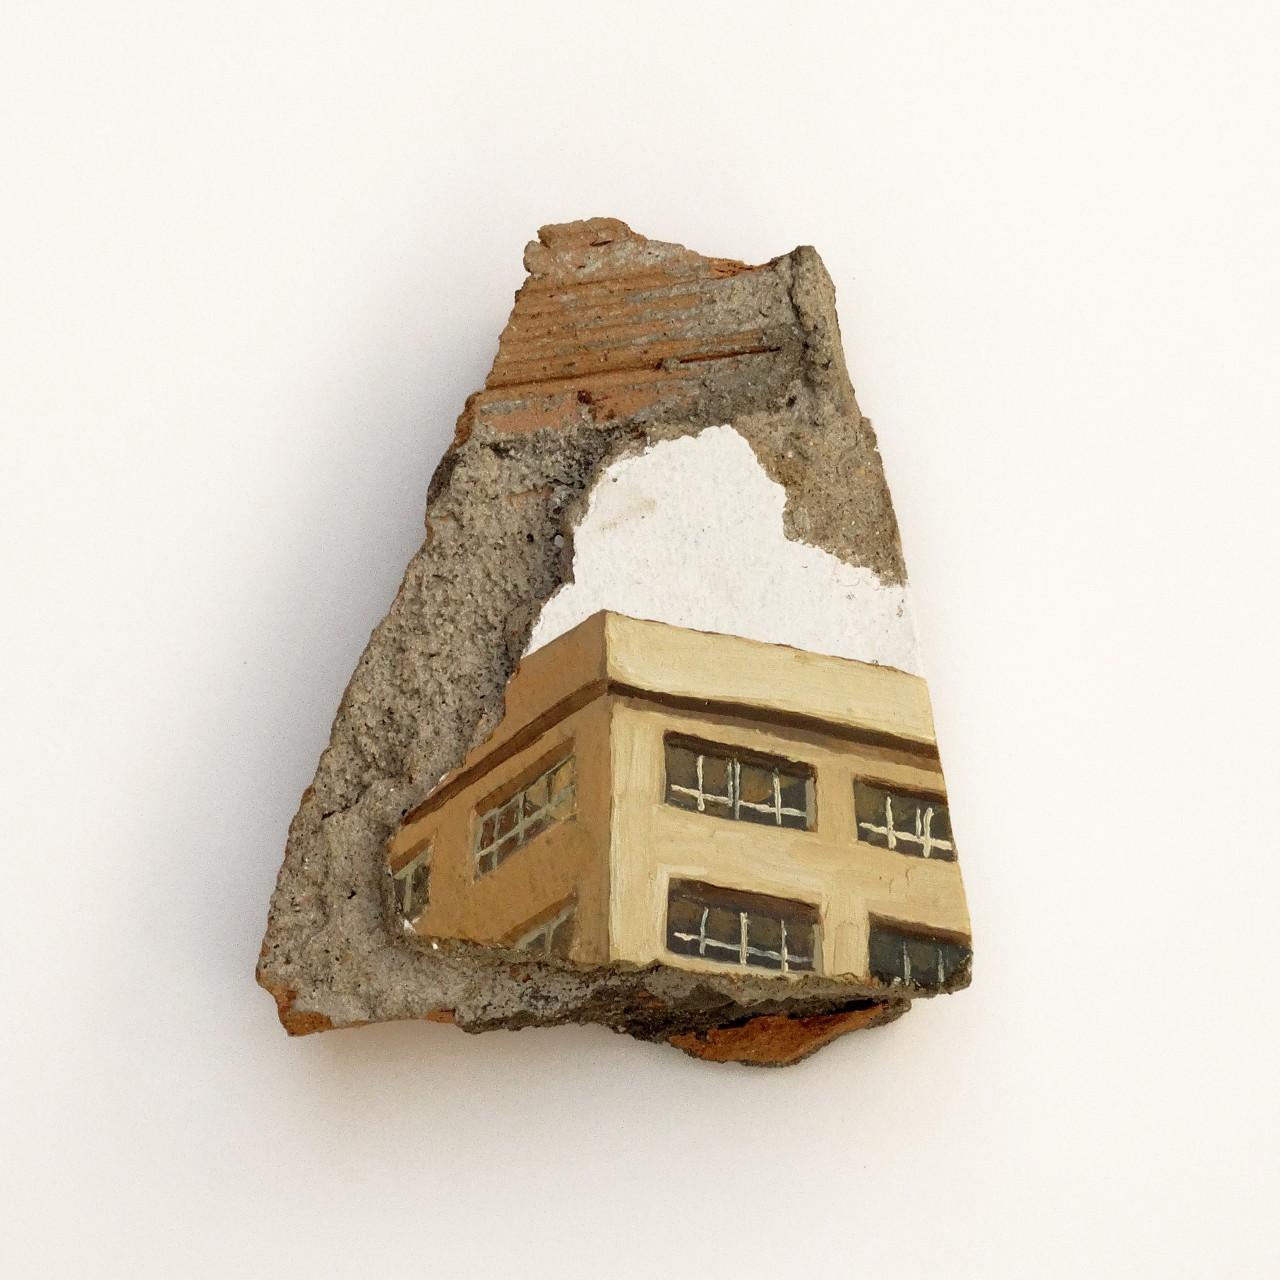 Urzaiz-México. Óleo sobre pintura plástica yeso cemento y ladrillo. 19 x 15.5 cm. Año 2014